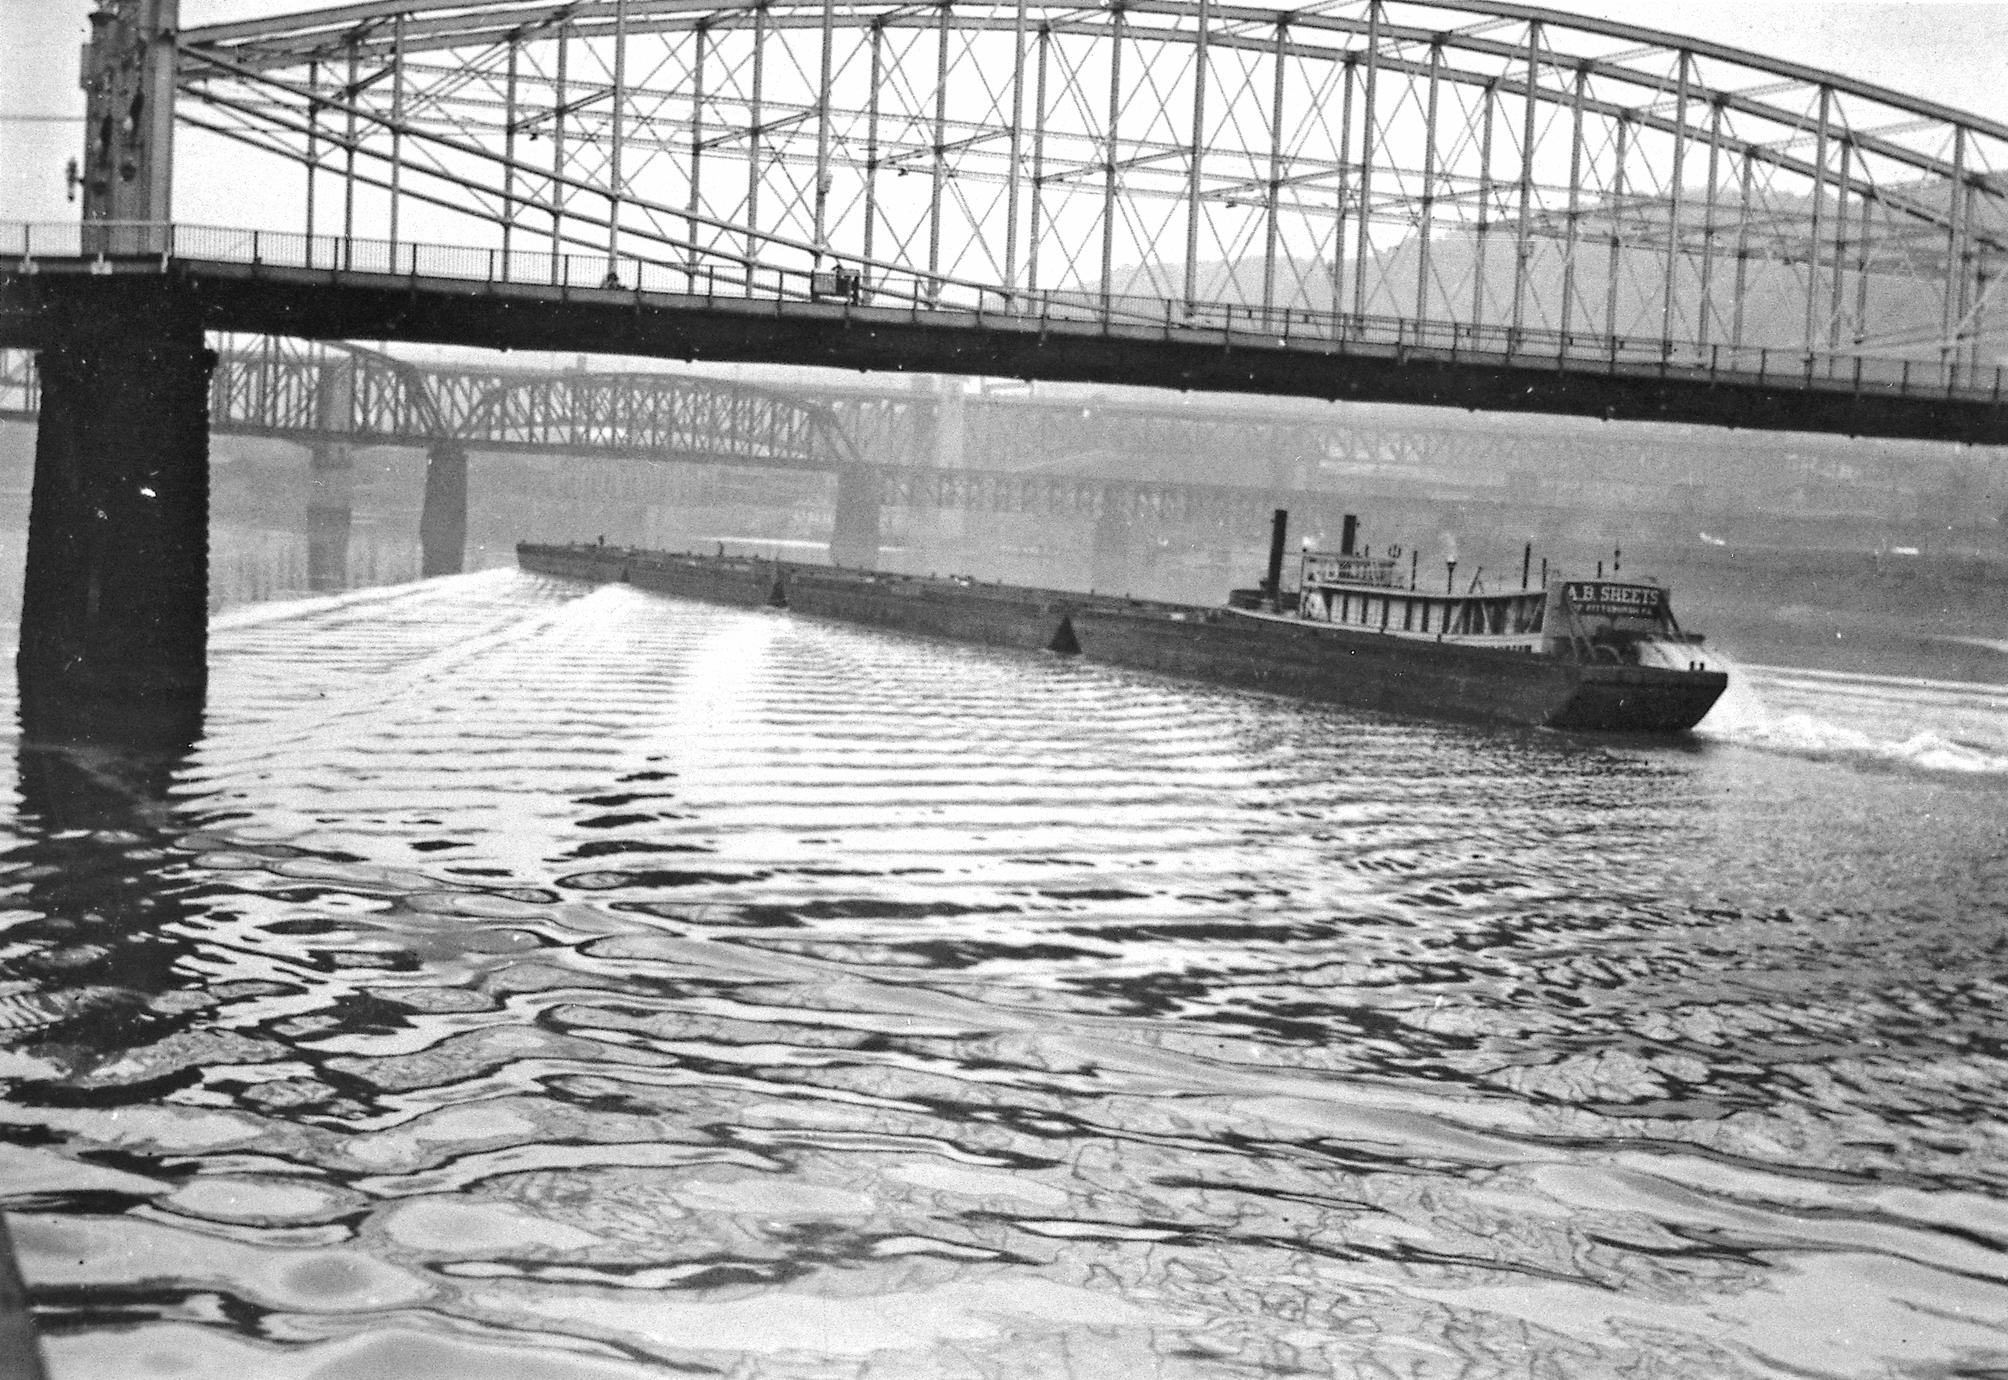 A. B. Sheets (Towboat, 1921-1947)